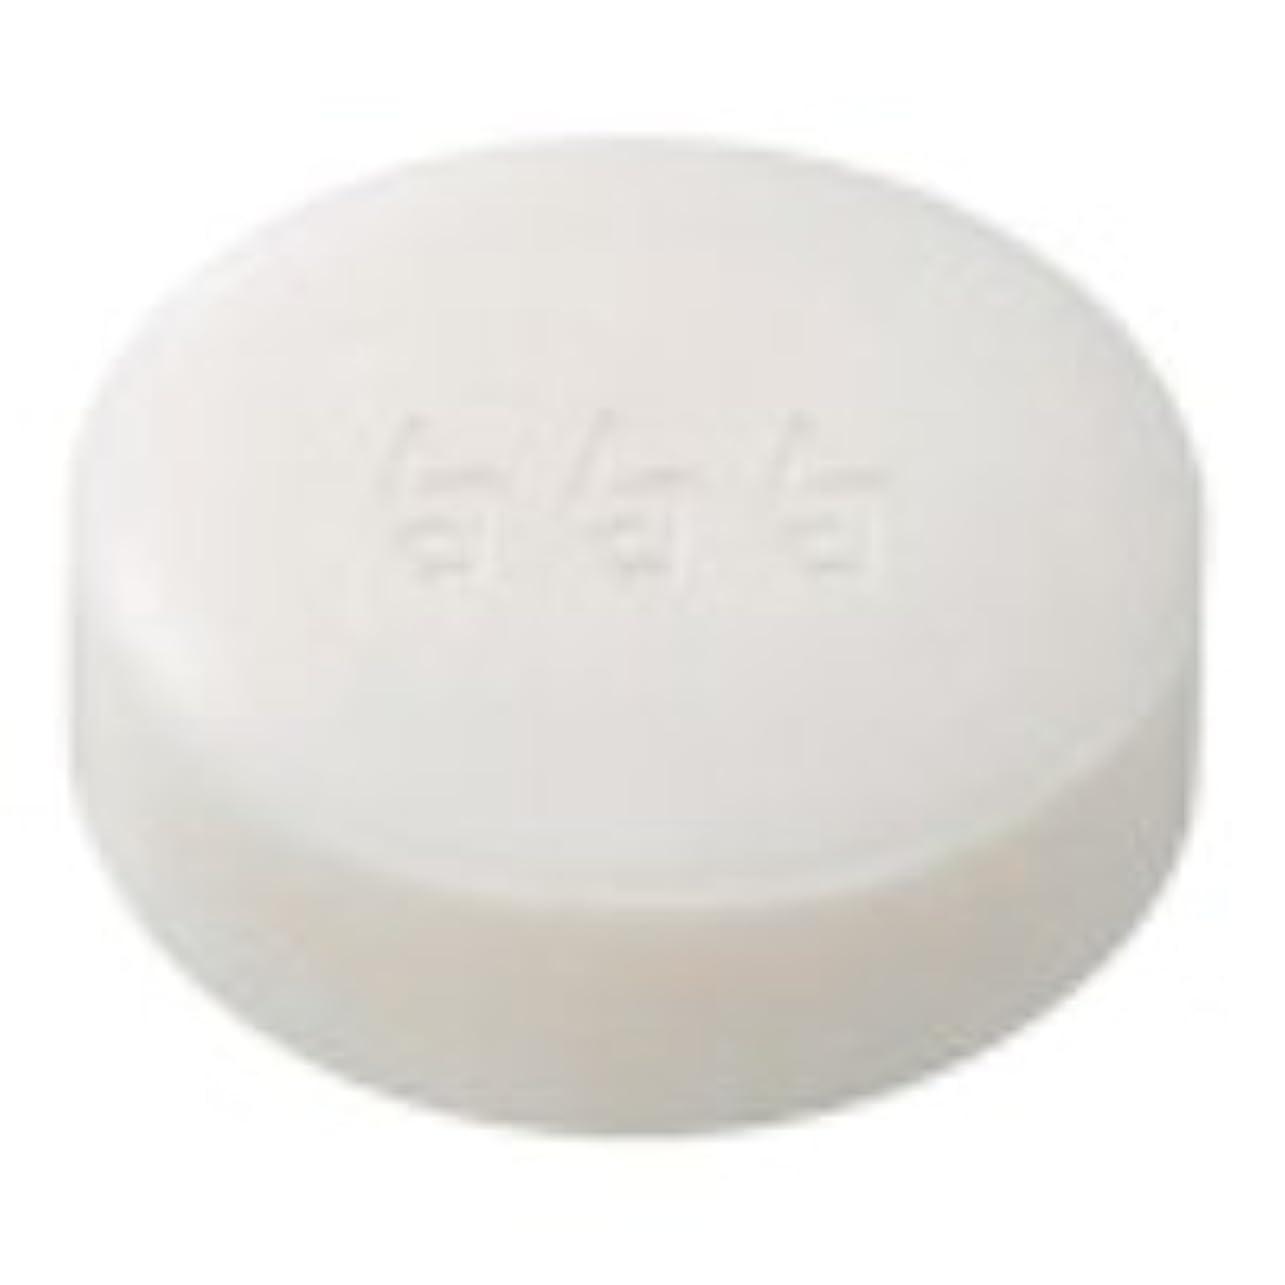 広がり暗唱する回路白白白ホワイトクリアソープ 90g